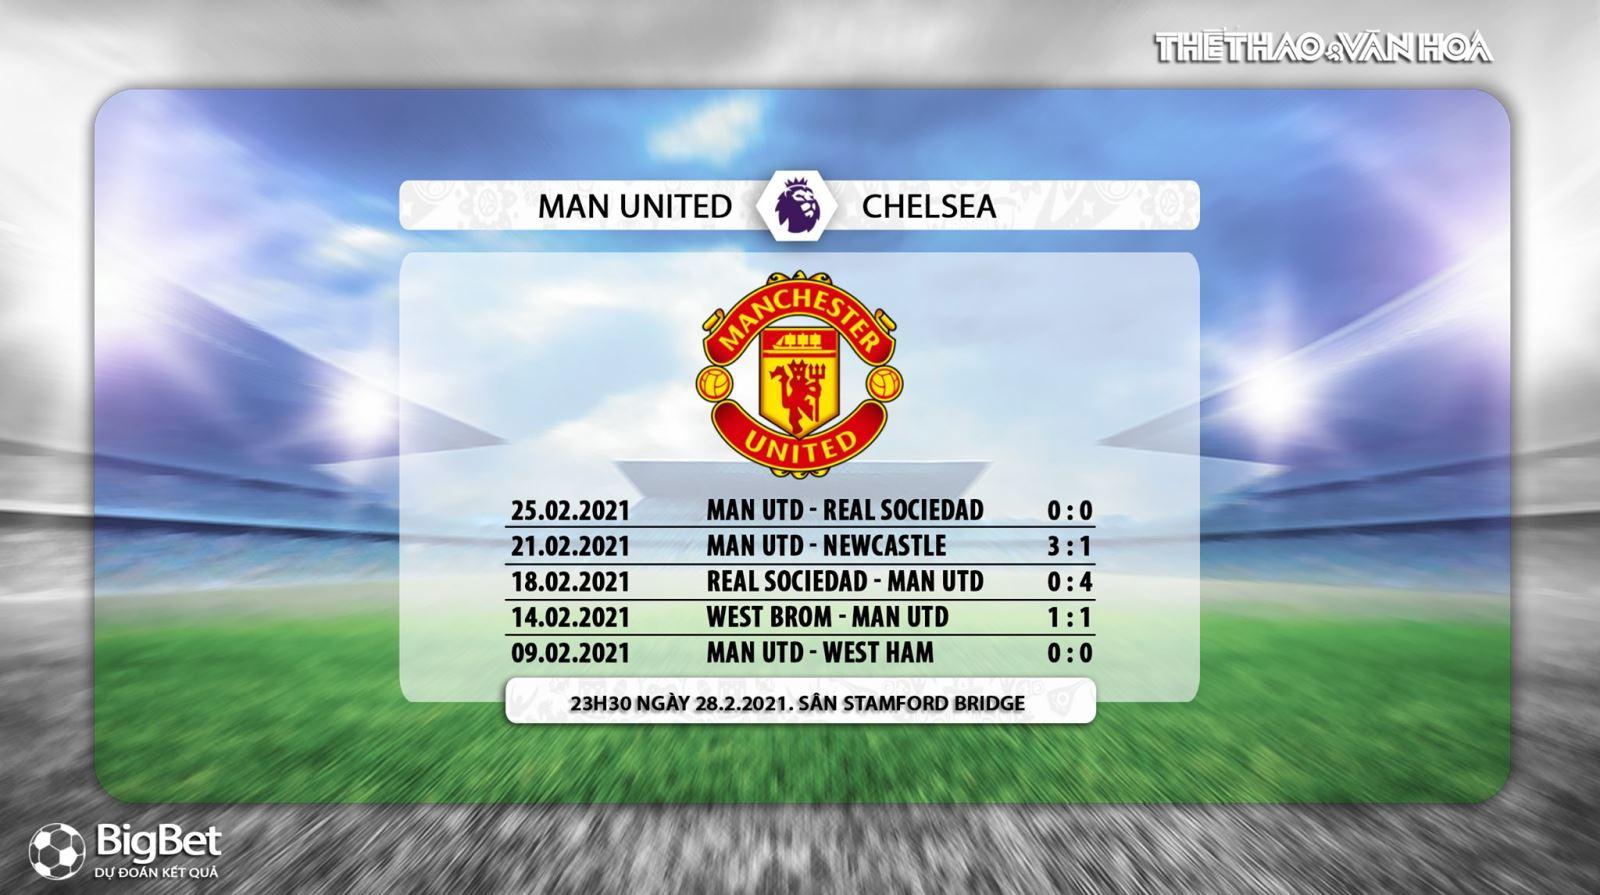 Keo nha cai, kèo nhà cái,Chelsea vs MU, K+, K+PM trực tiếp bóng đá Ngoại hạng Anh,Truc tiep bong da, Trực tiếp Chelsea vs MU, Kèo bóng đá Chelsea vs MU, kèo MU, Chelsea